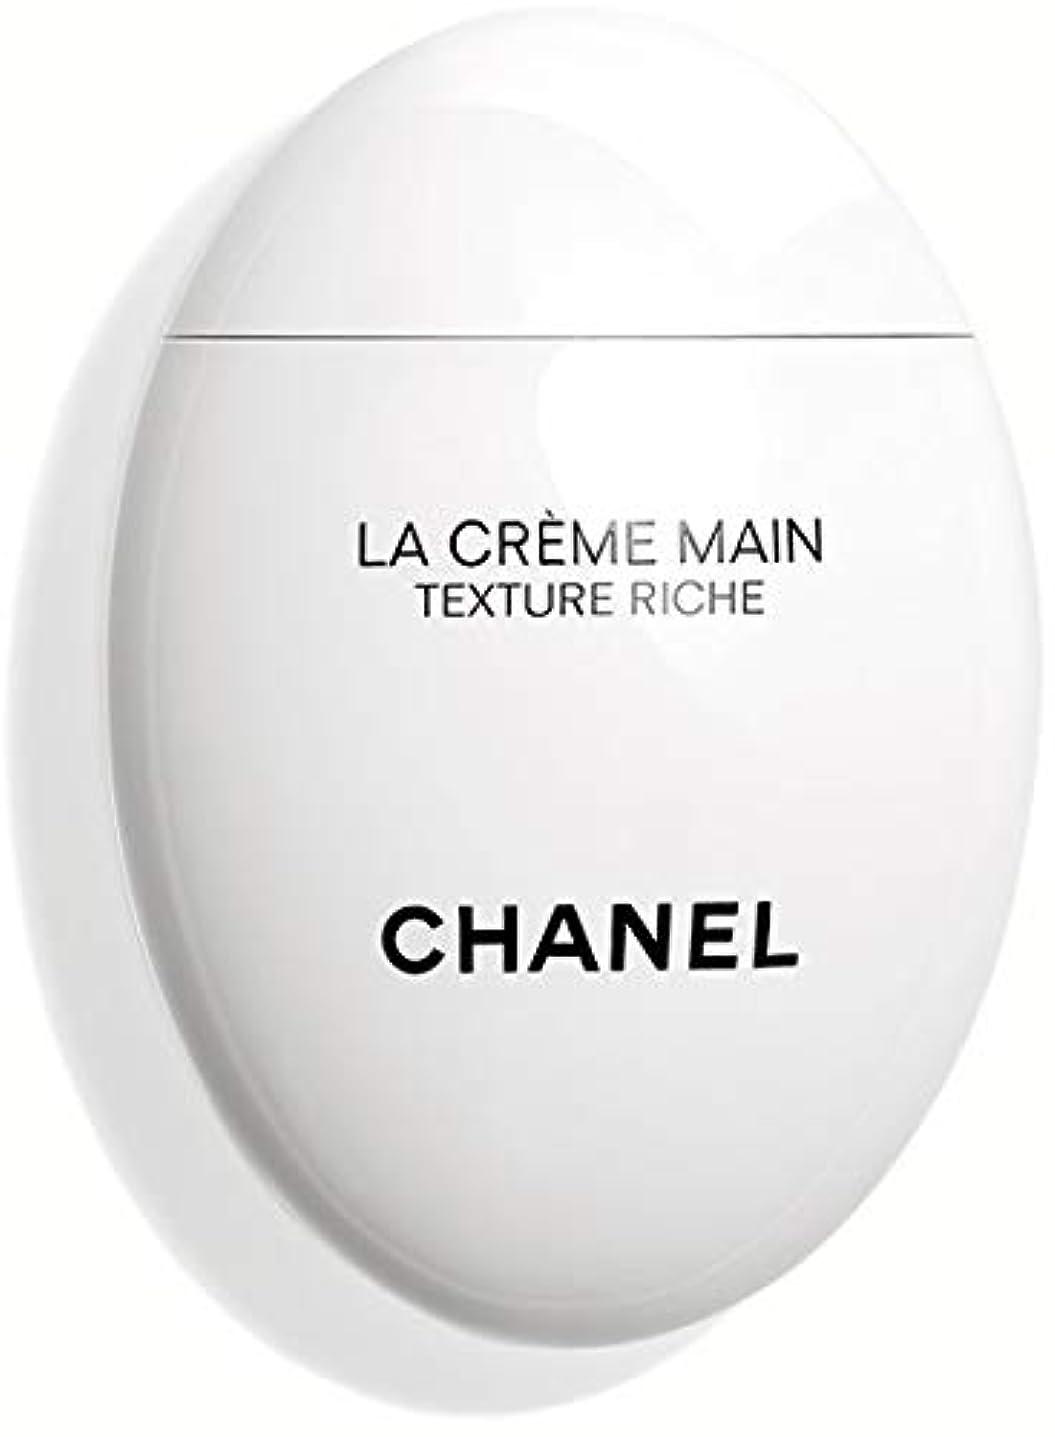 黒くする手のひらハチCHANEL LA CREME MAIN TEXTURE RICHE シャネル ラ クレーム マン リッシュ ハンドクリーム (リッチ)50ml オリジナルラッピング&ショップバッグ